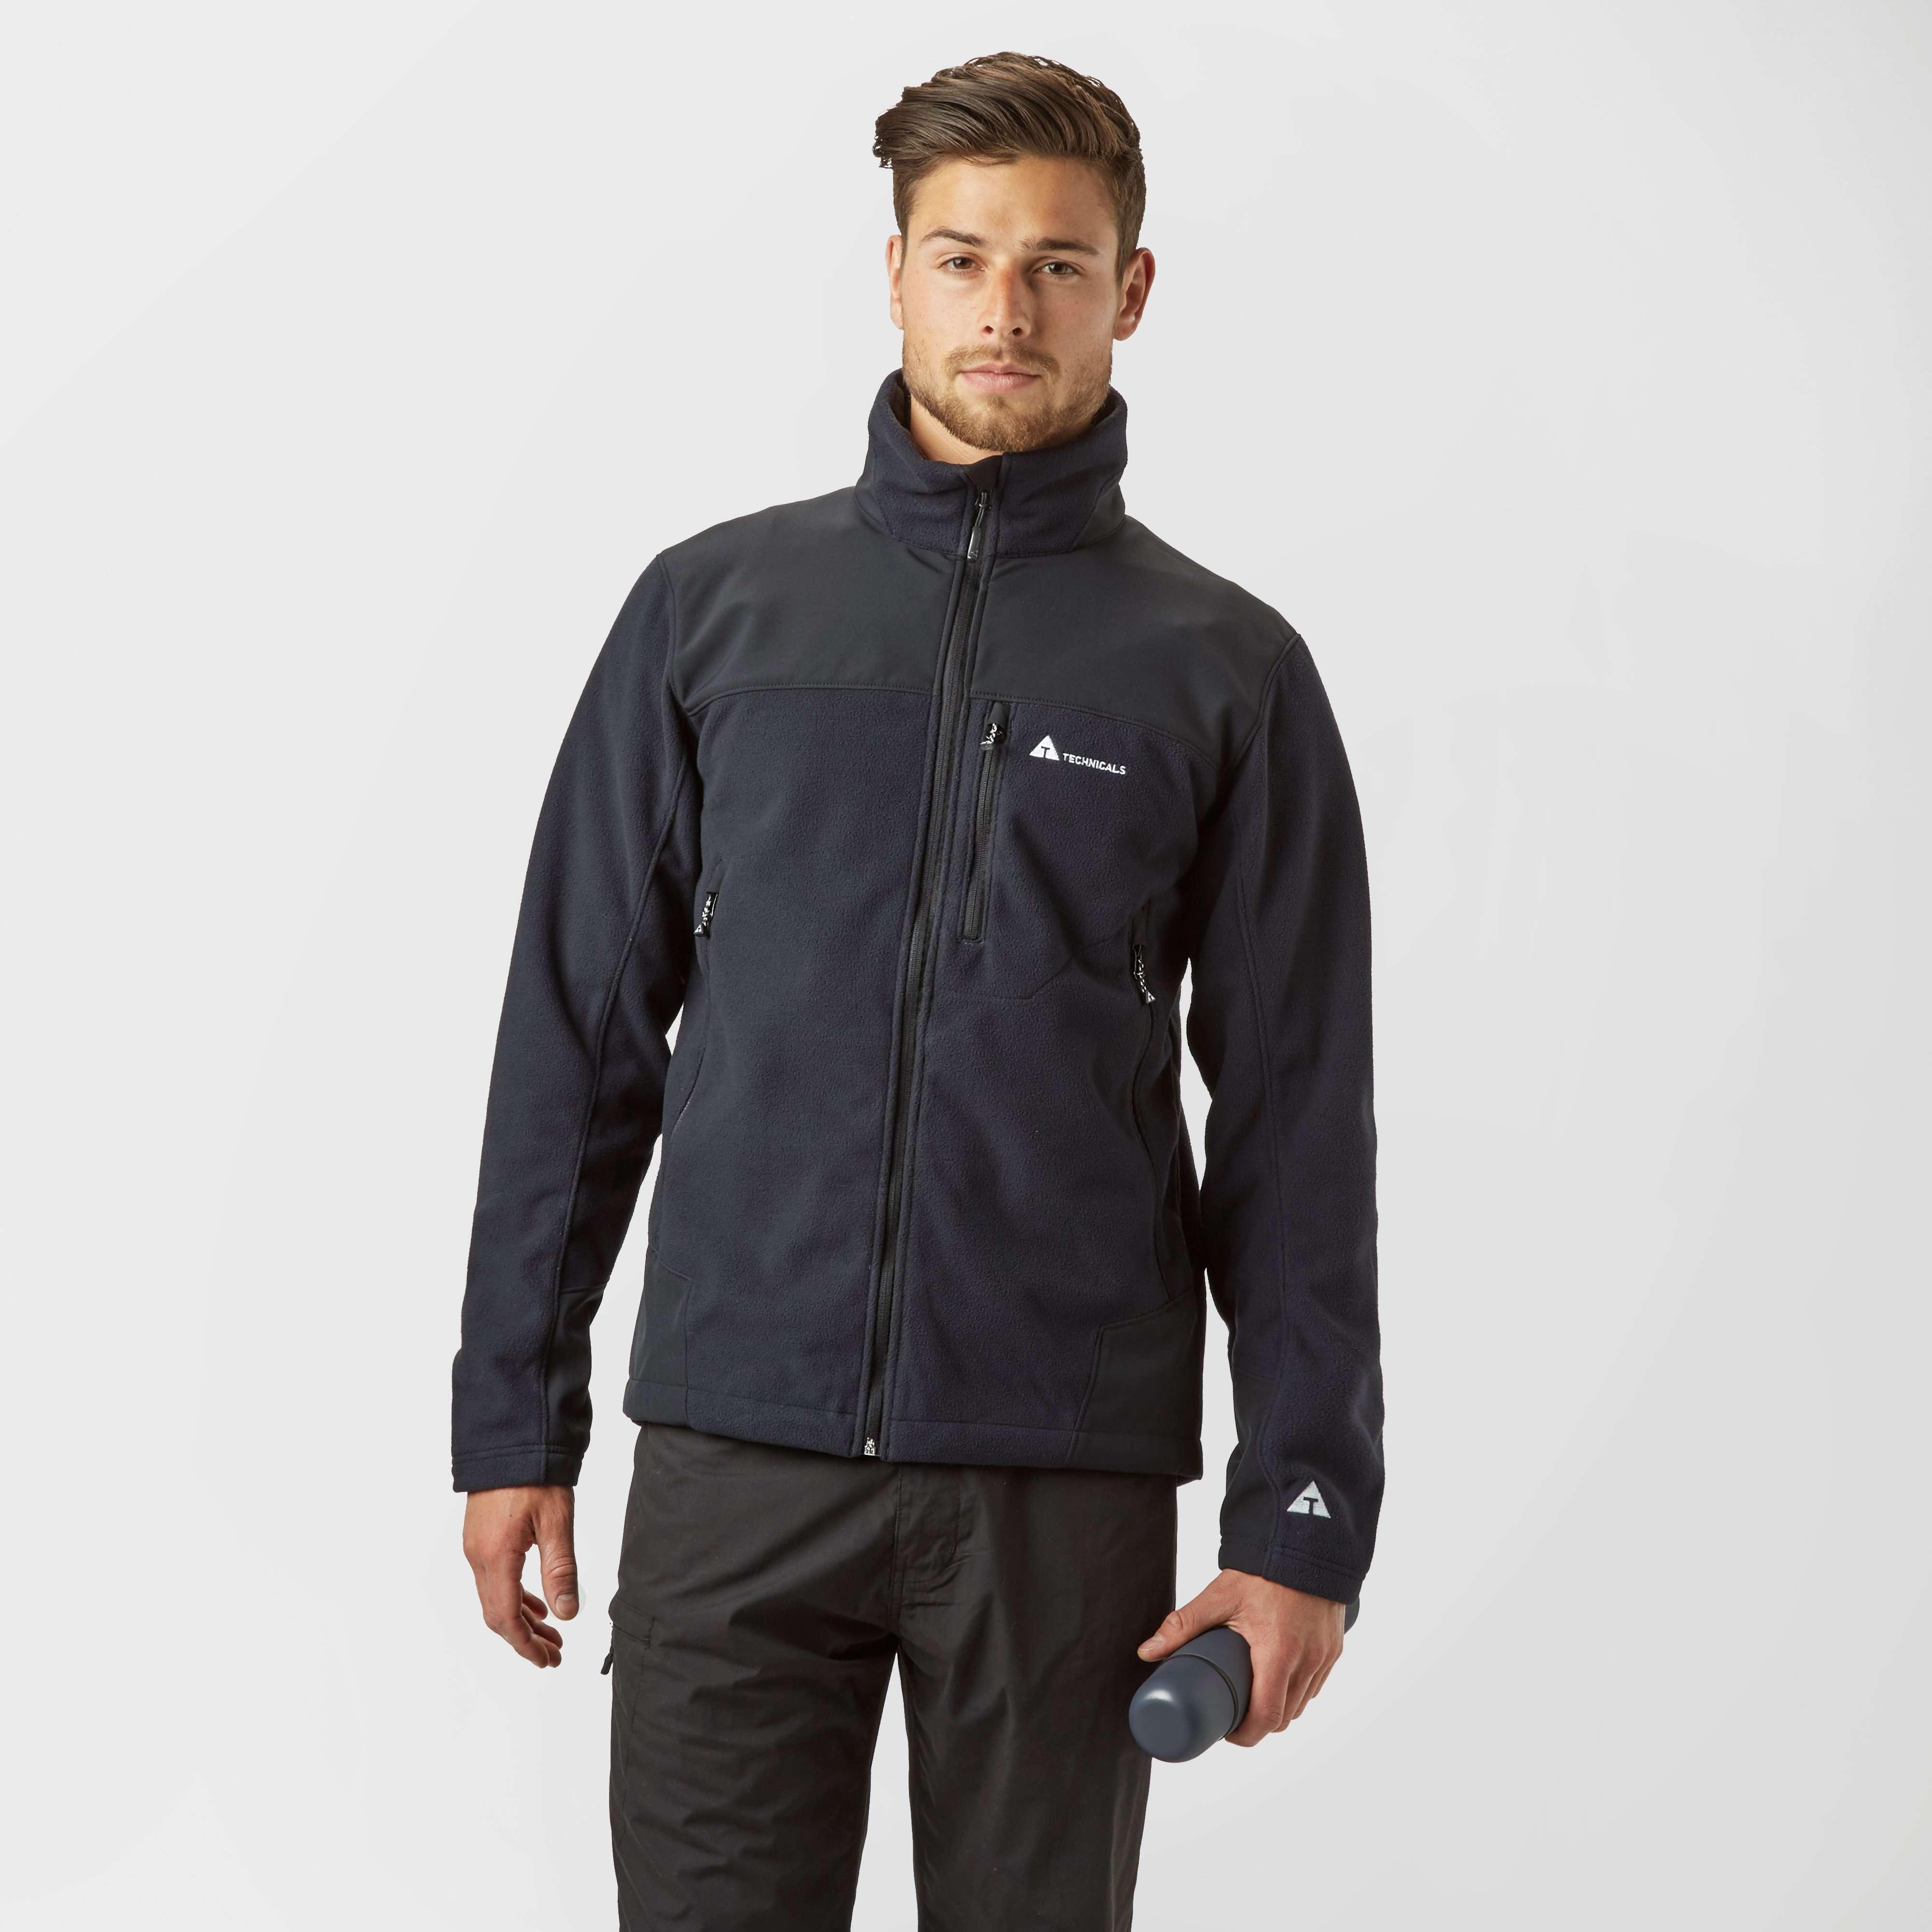 TECHNICALS Men's Windproof Jacket